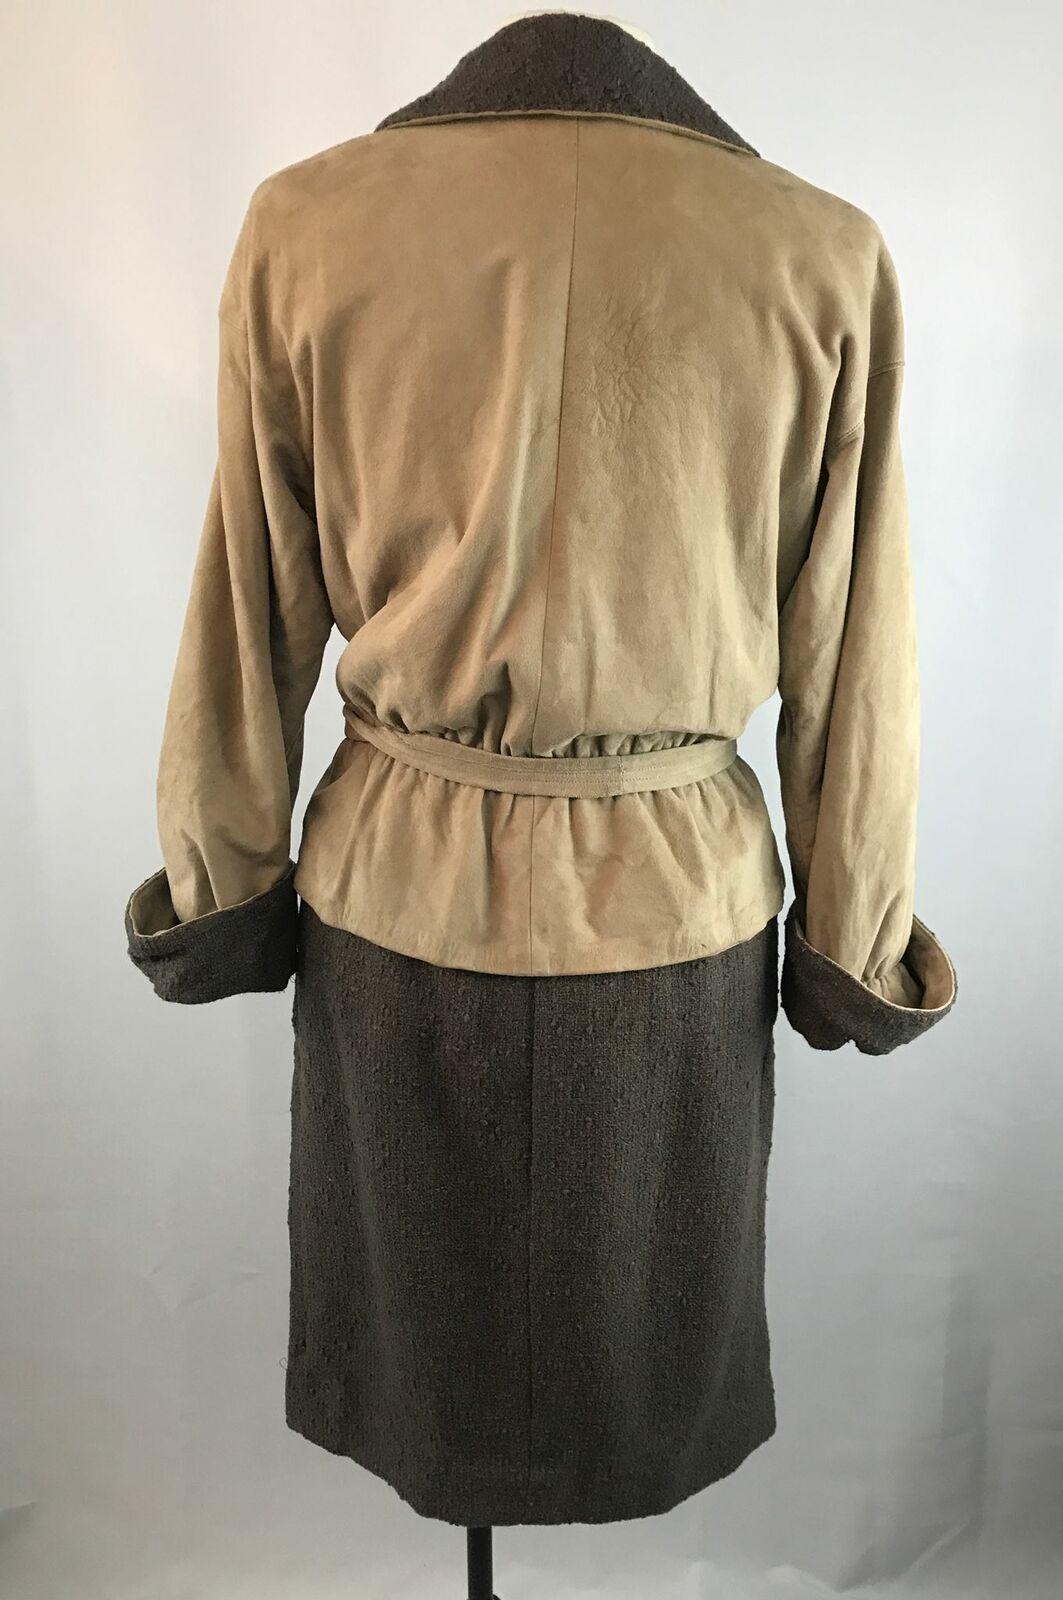 Vintage Bonnie Cashin Leather Jacket and Skirt Se… - image 4